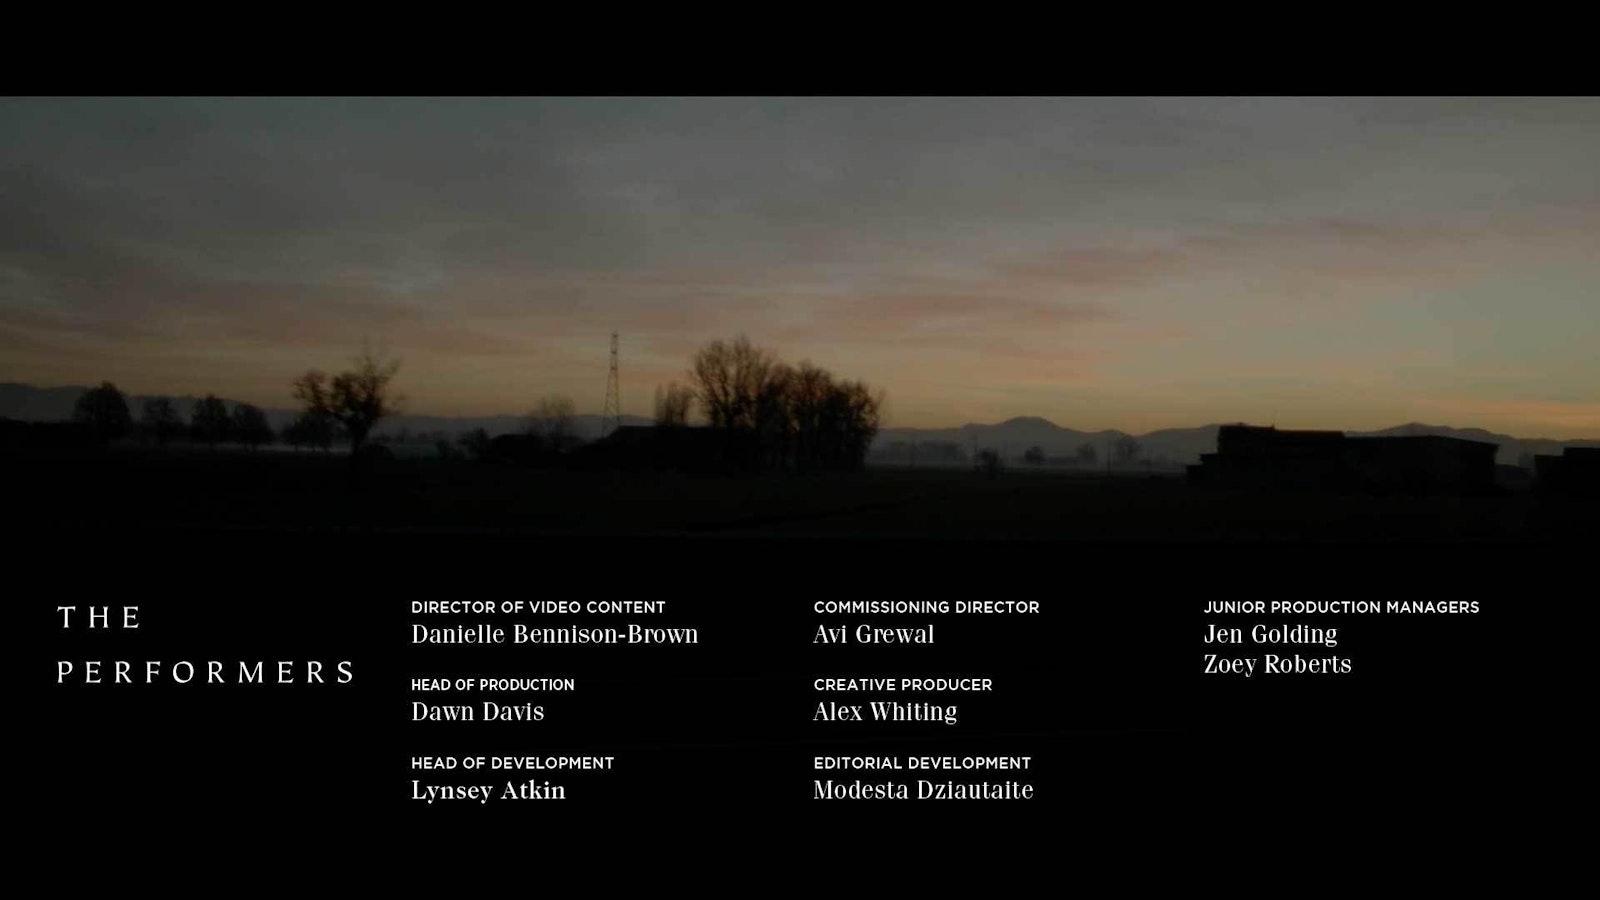 Master Cs Gucci Performers Credits